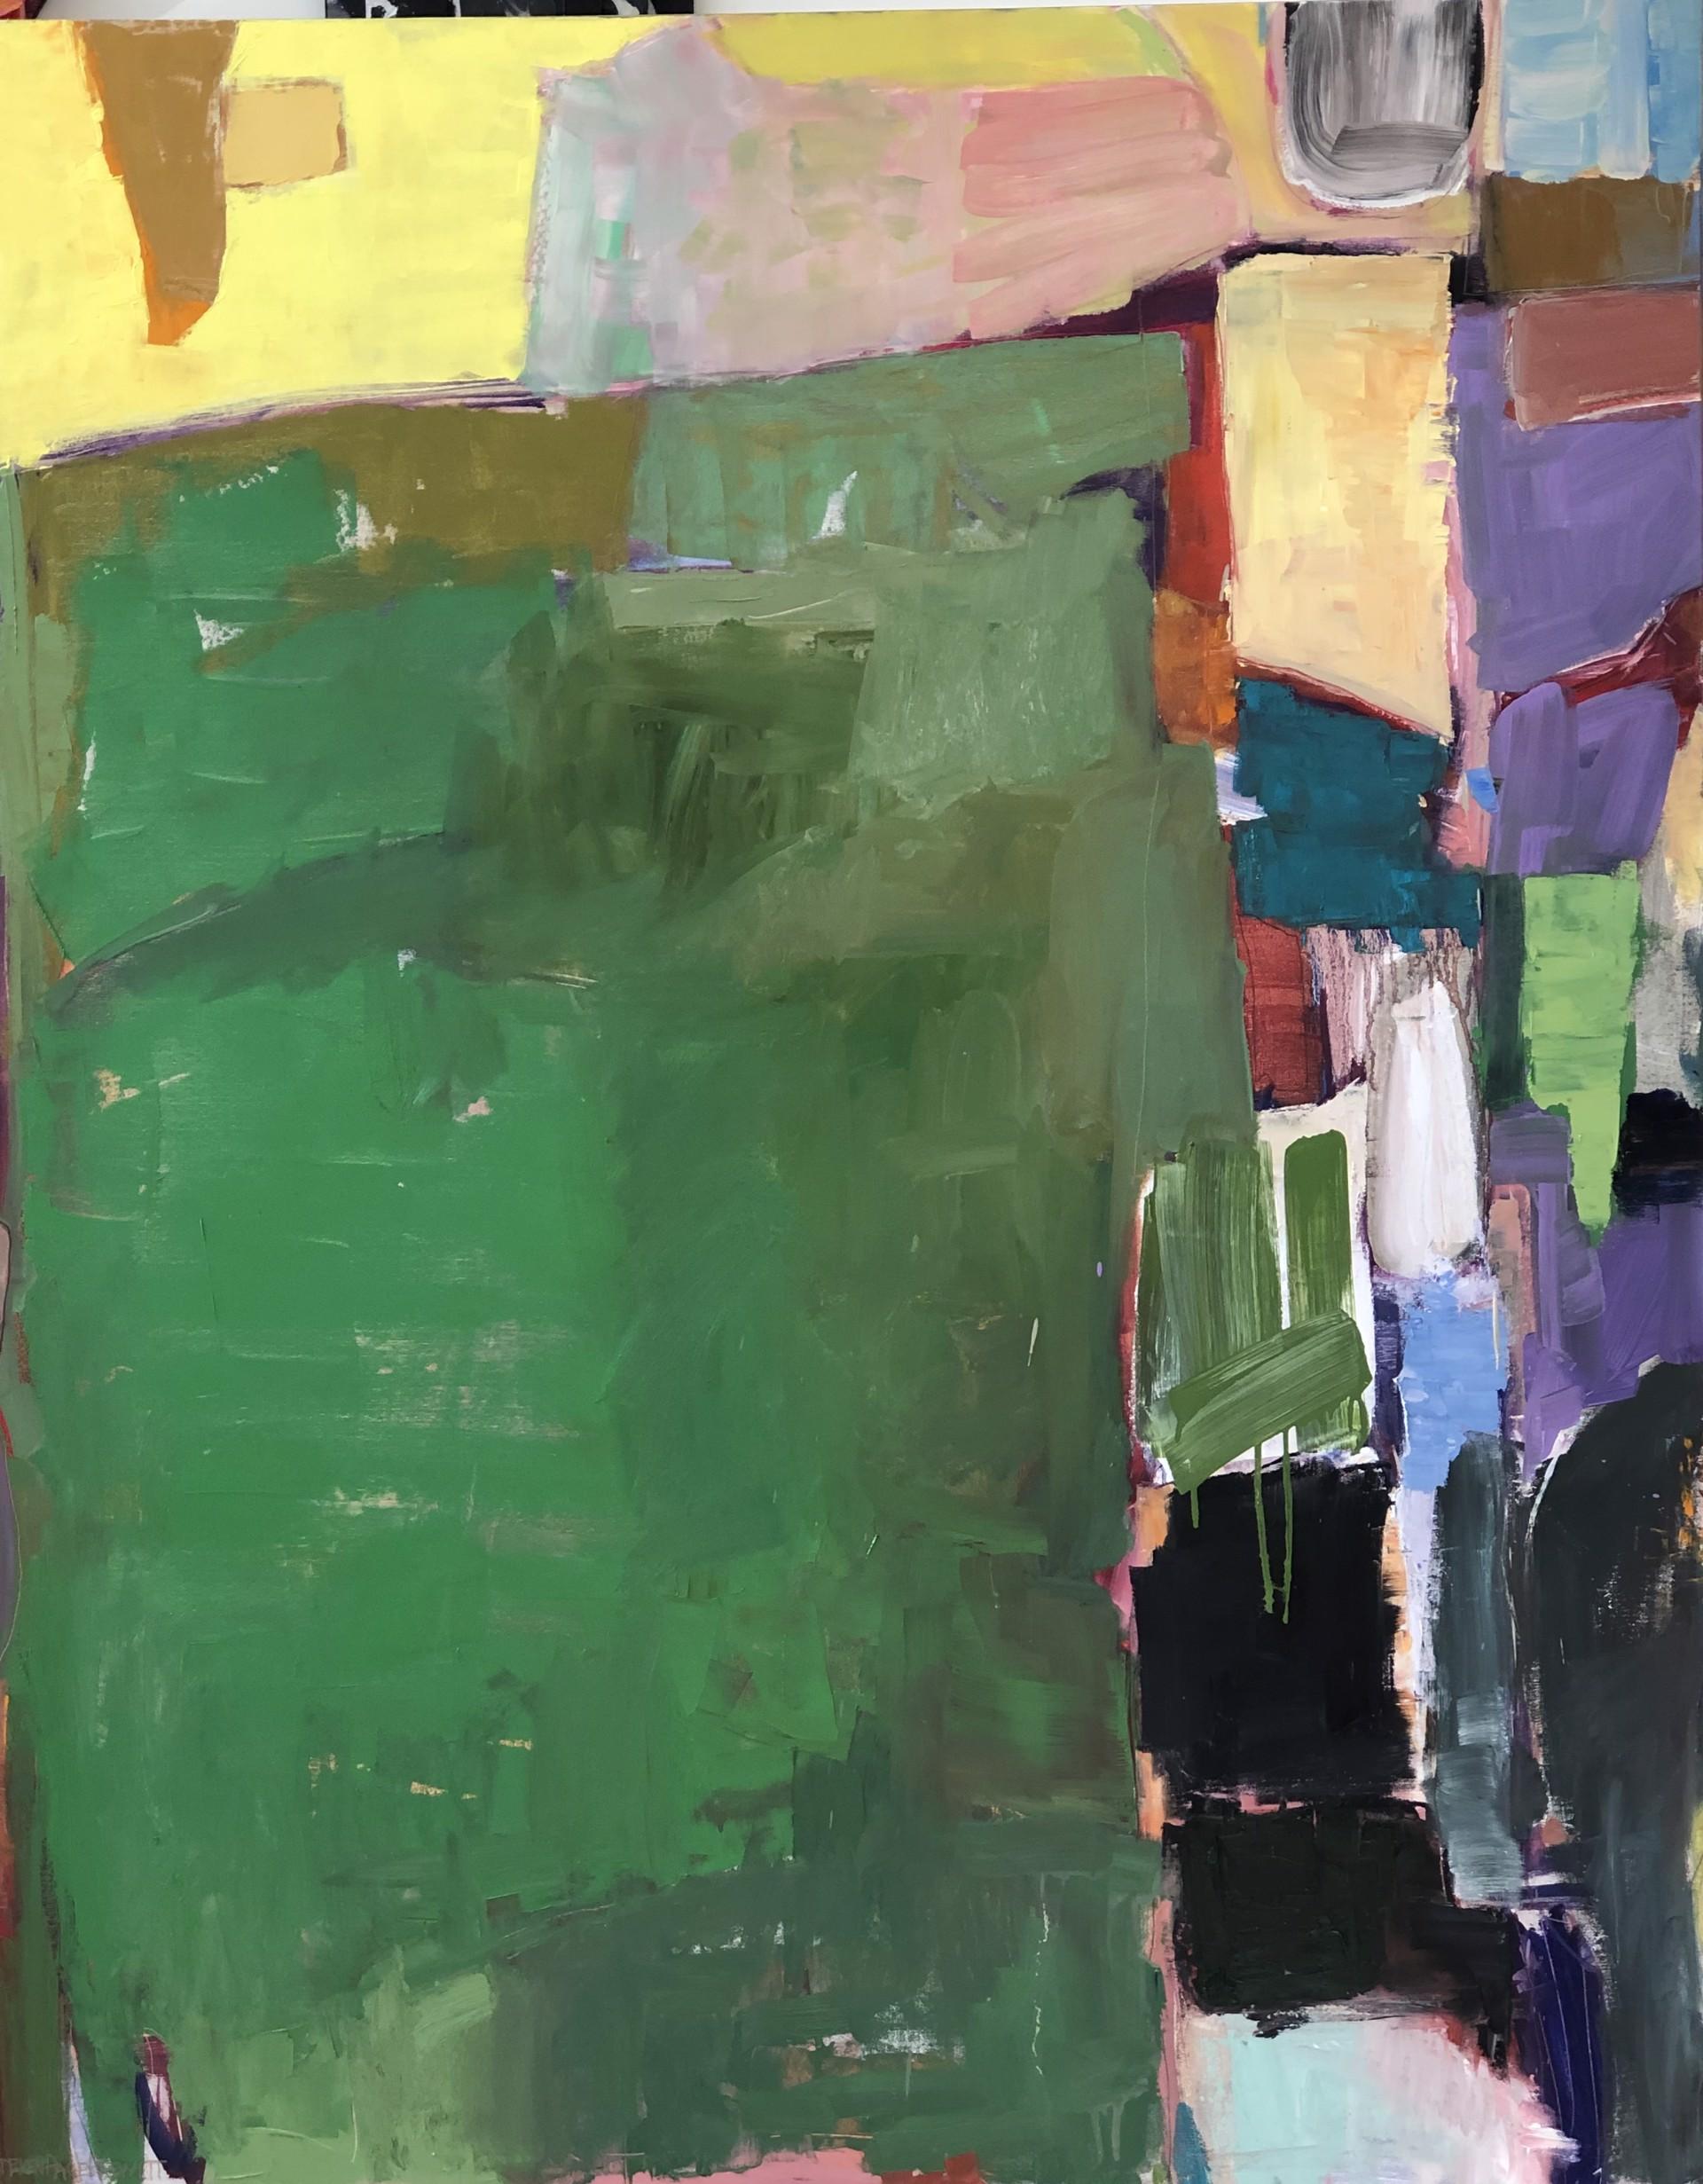 Abstract Landscape 13 by stevenpage prewitt